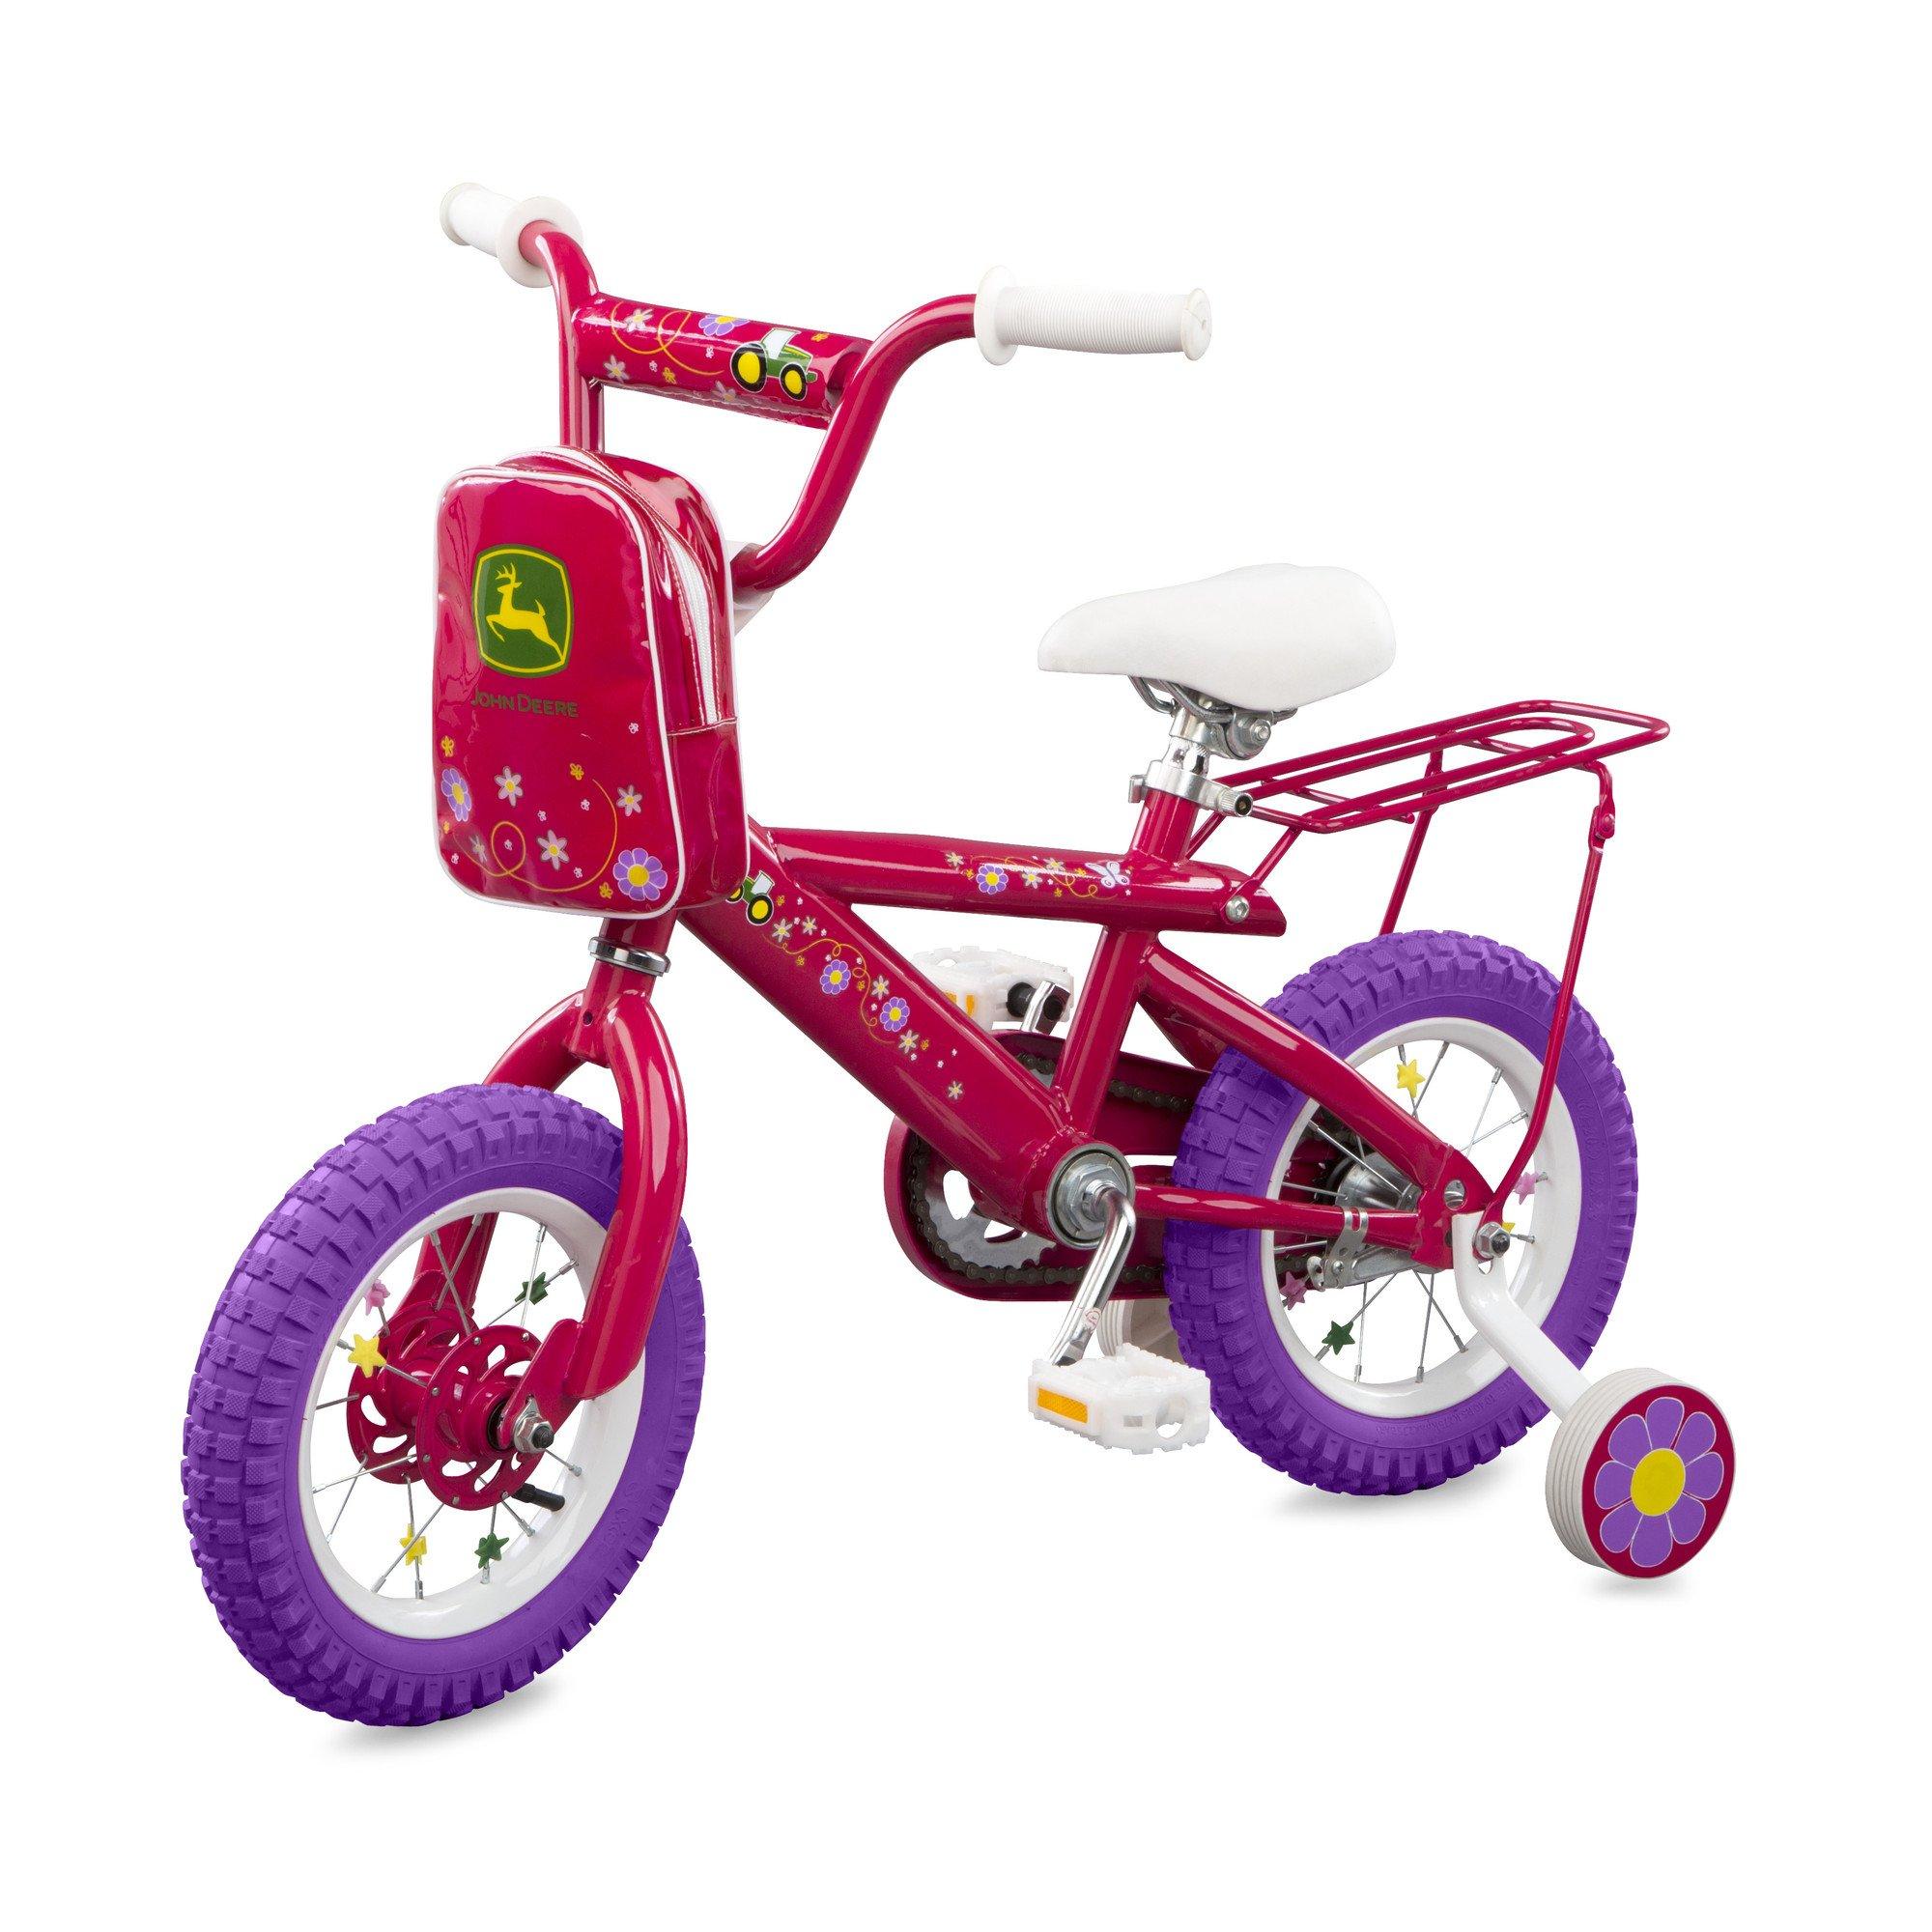 John Deere 12'' Bicycle Pink by TOMY